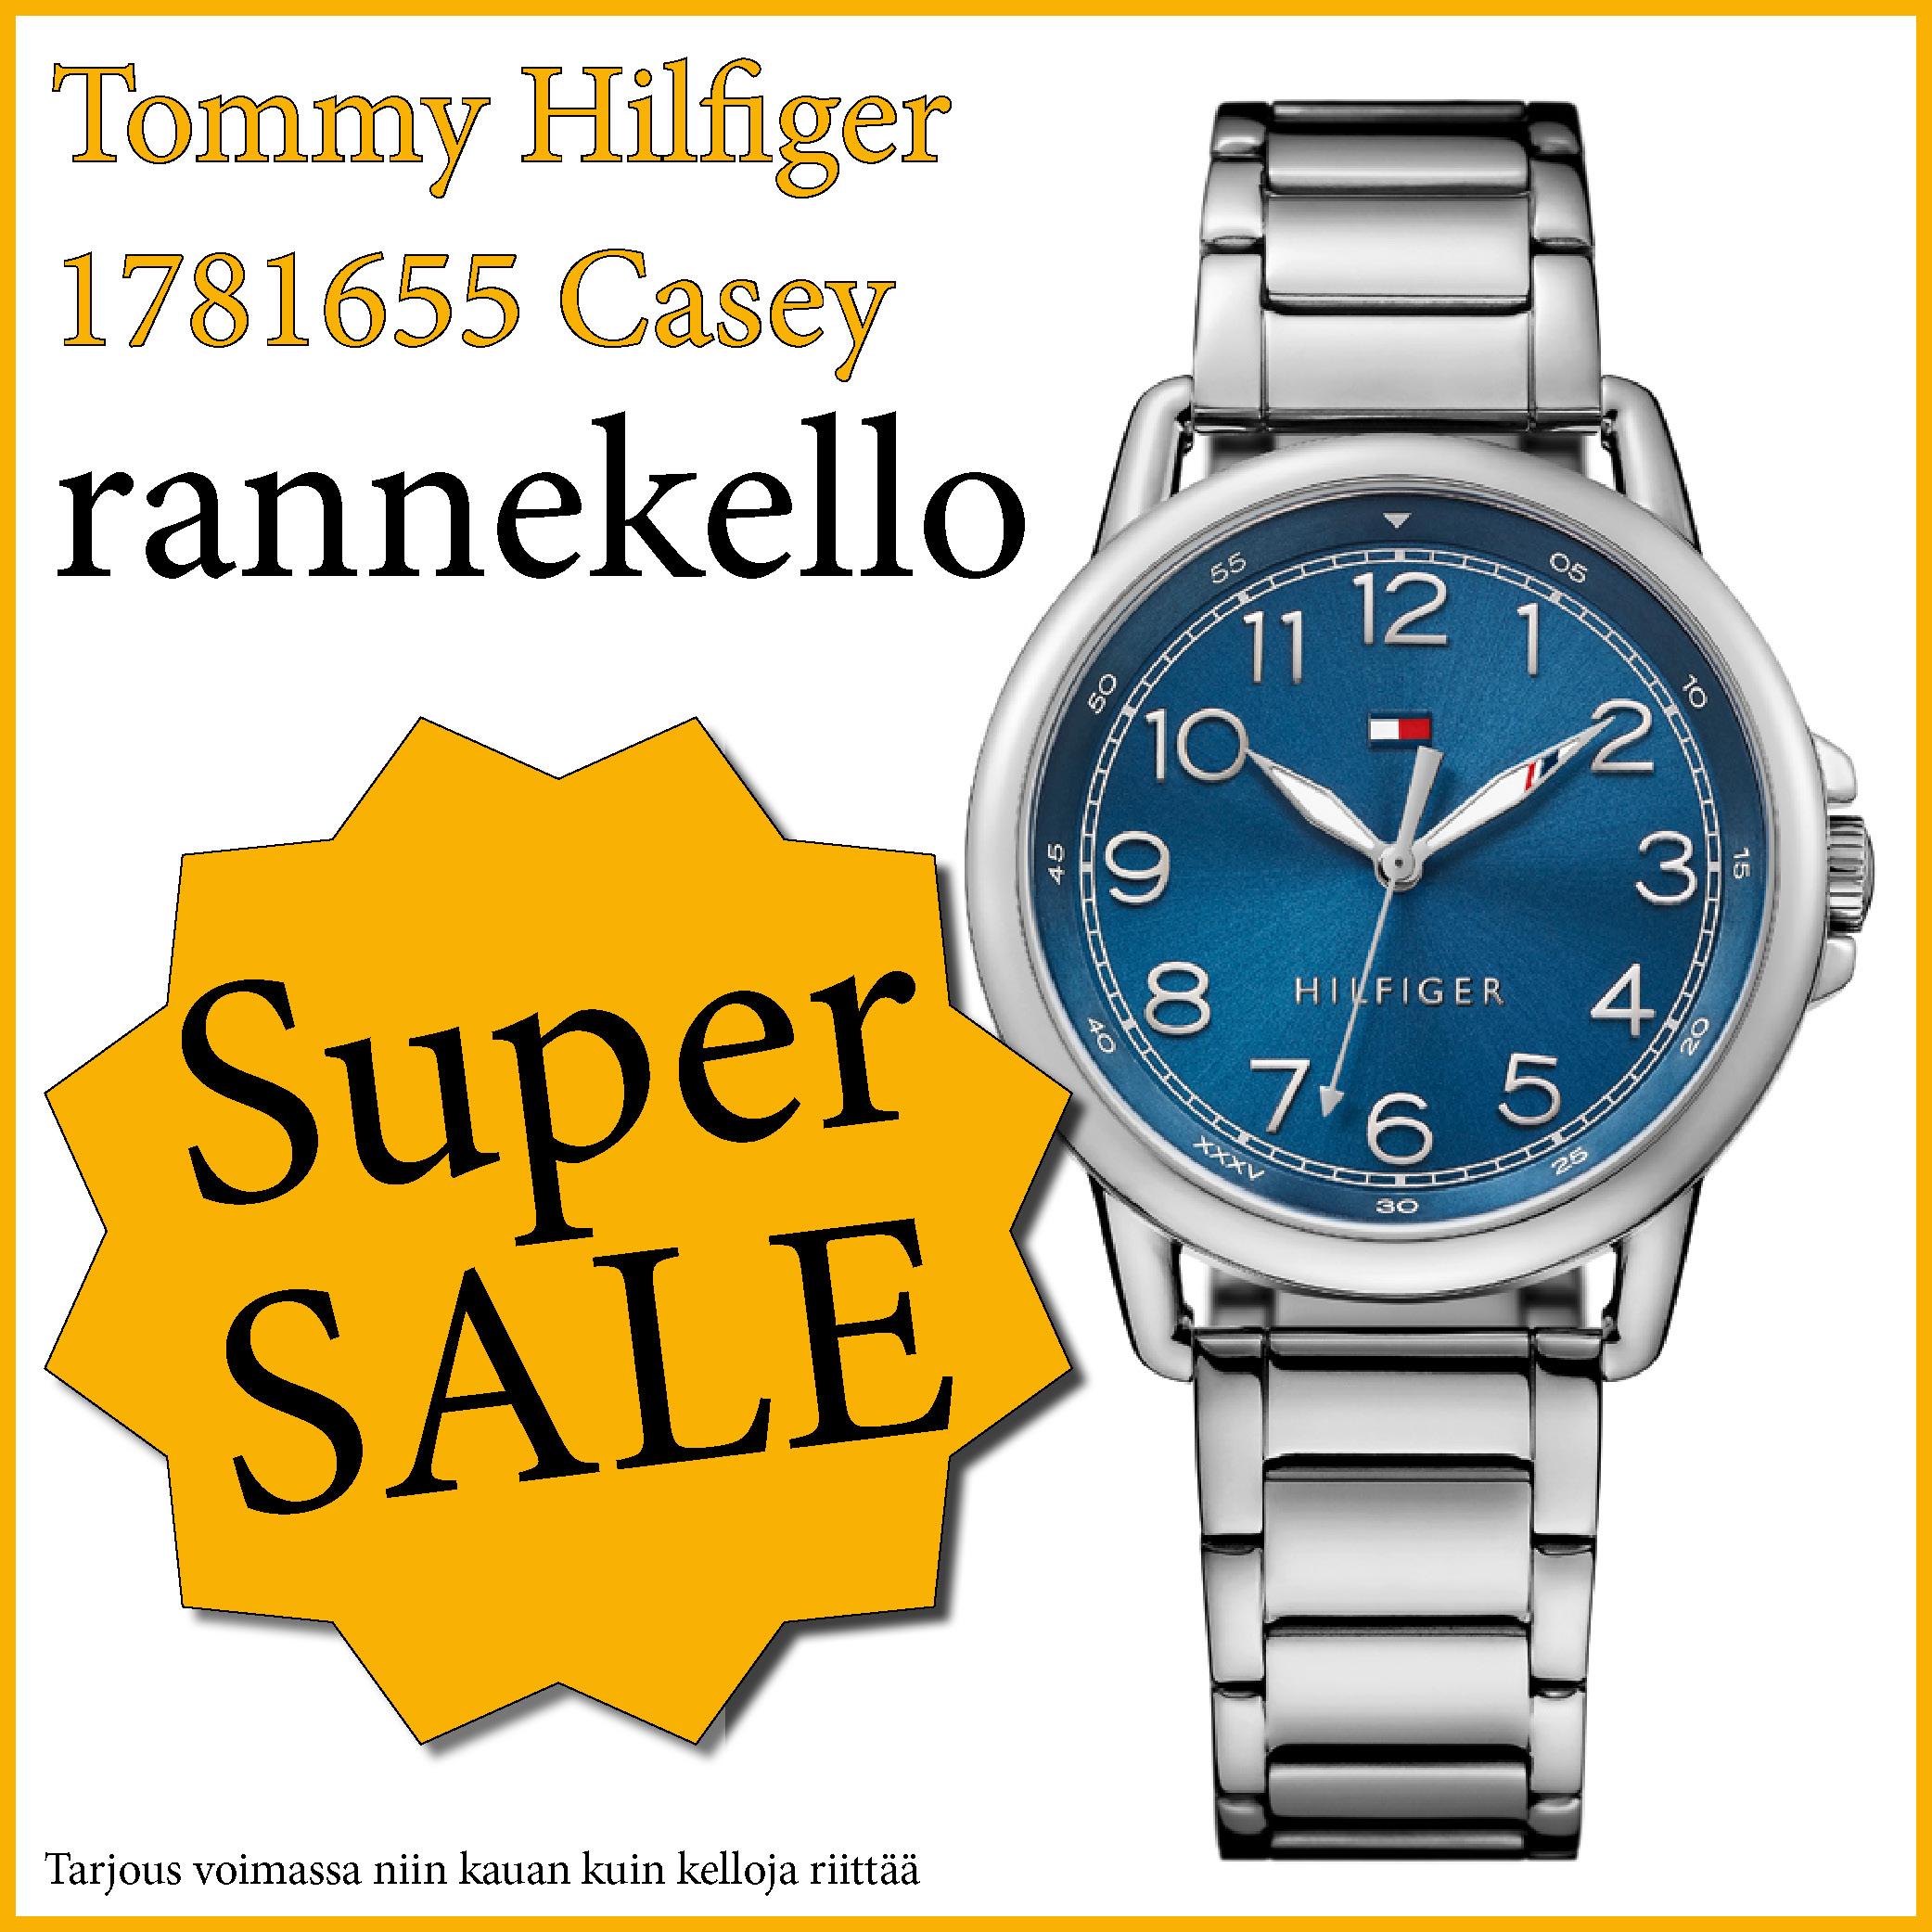 TOMMY HILFIGER 1781655 CASEY RANNEKELLO